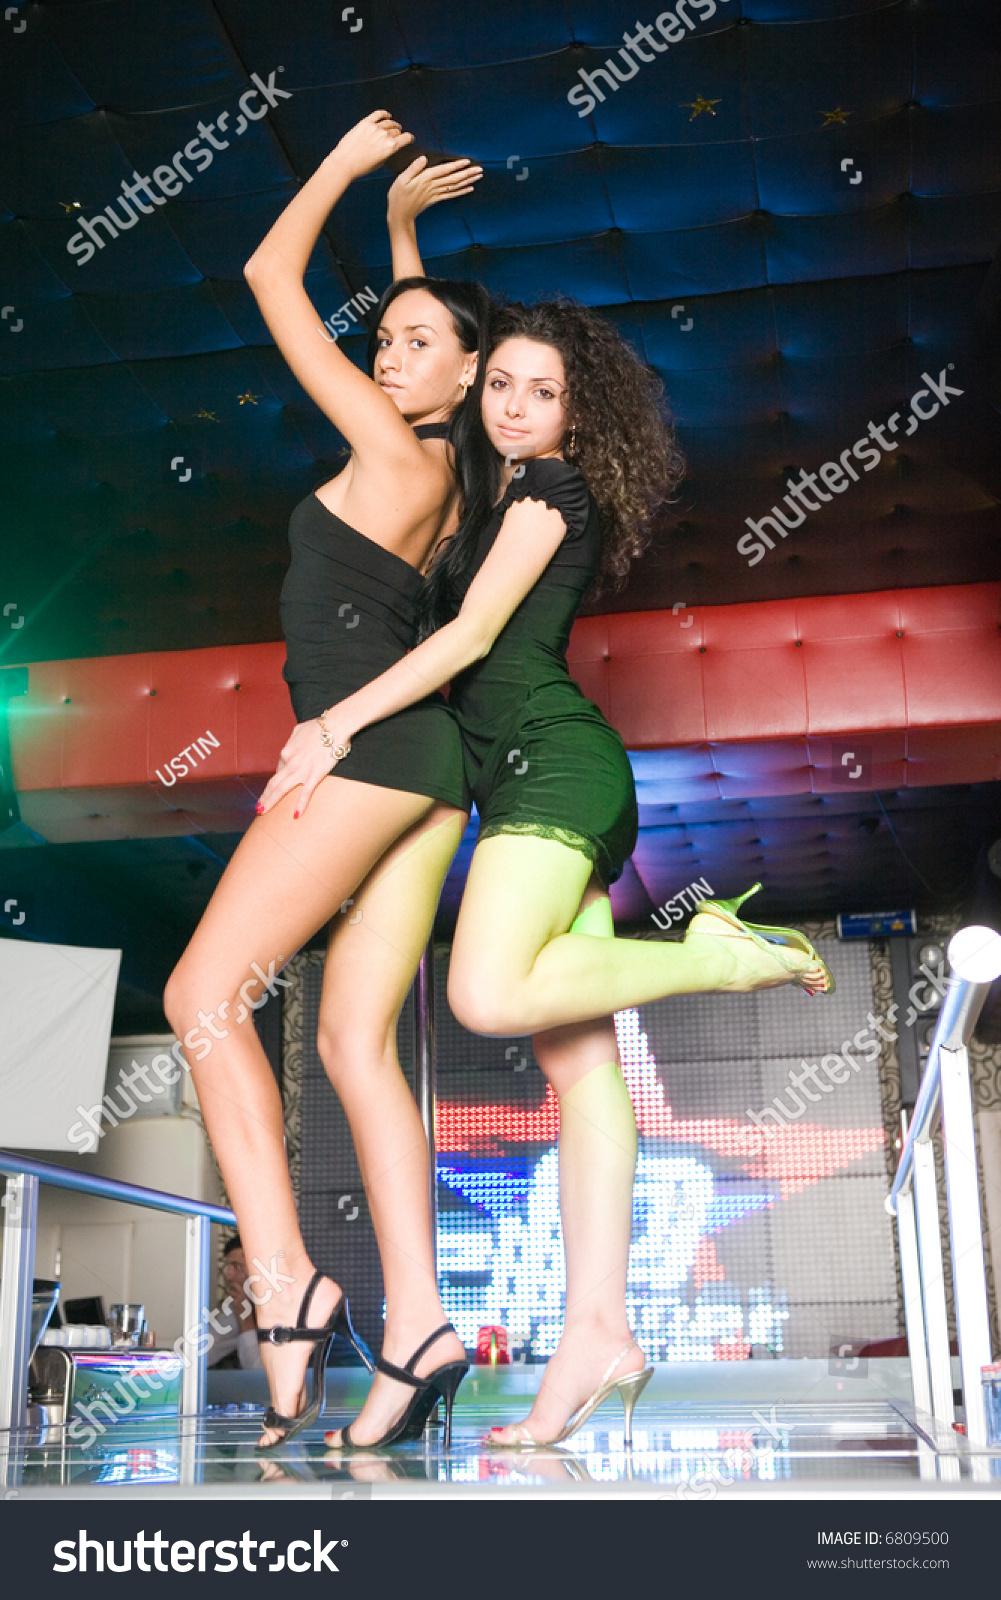 Hot dancing girls